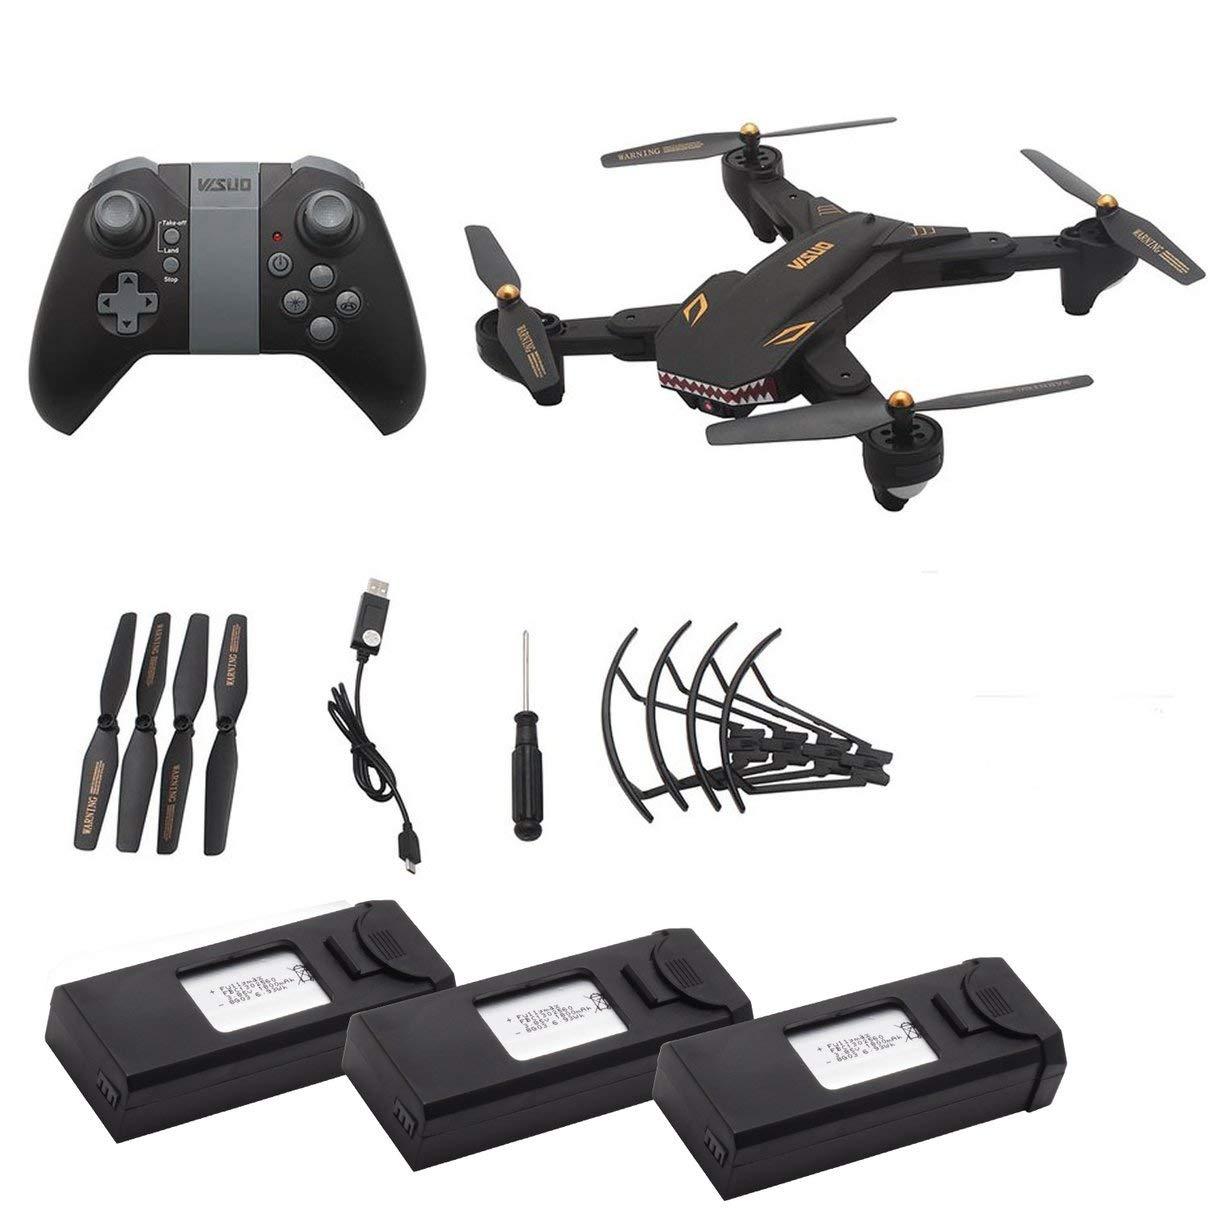 SaraHew74 Fit XS809S 2.4G RC Drone con Fotocamera 0.3MP Pieghevole Mini Quadrocopter modalità Senza Testa Altitude Hold G-Sensor WiFi FPV Drone